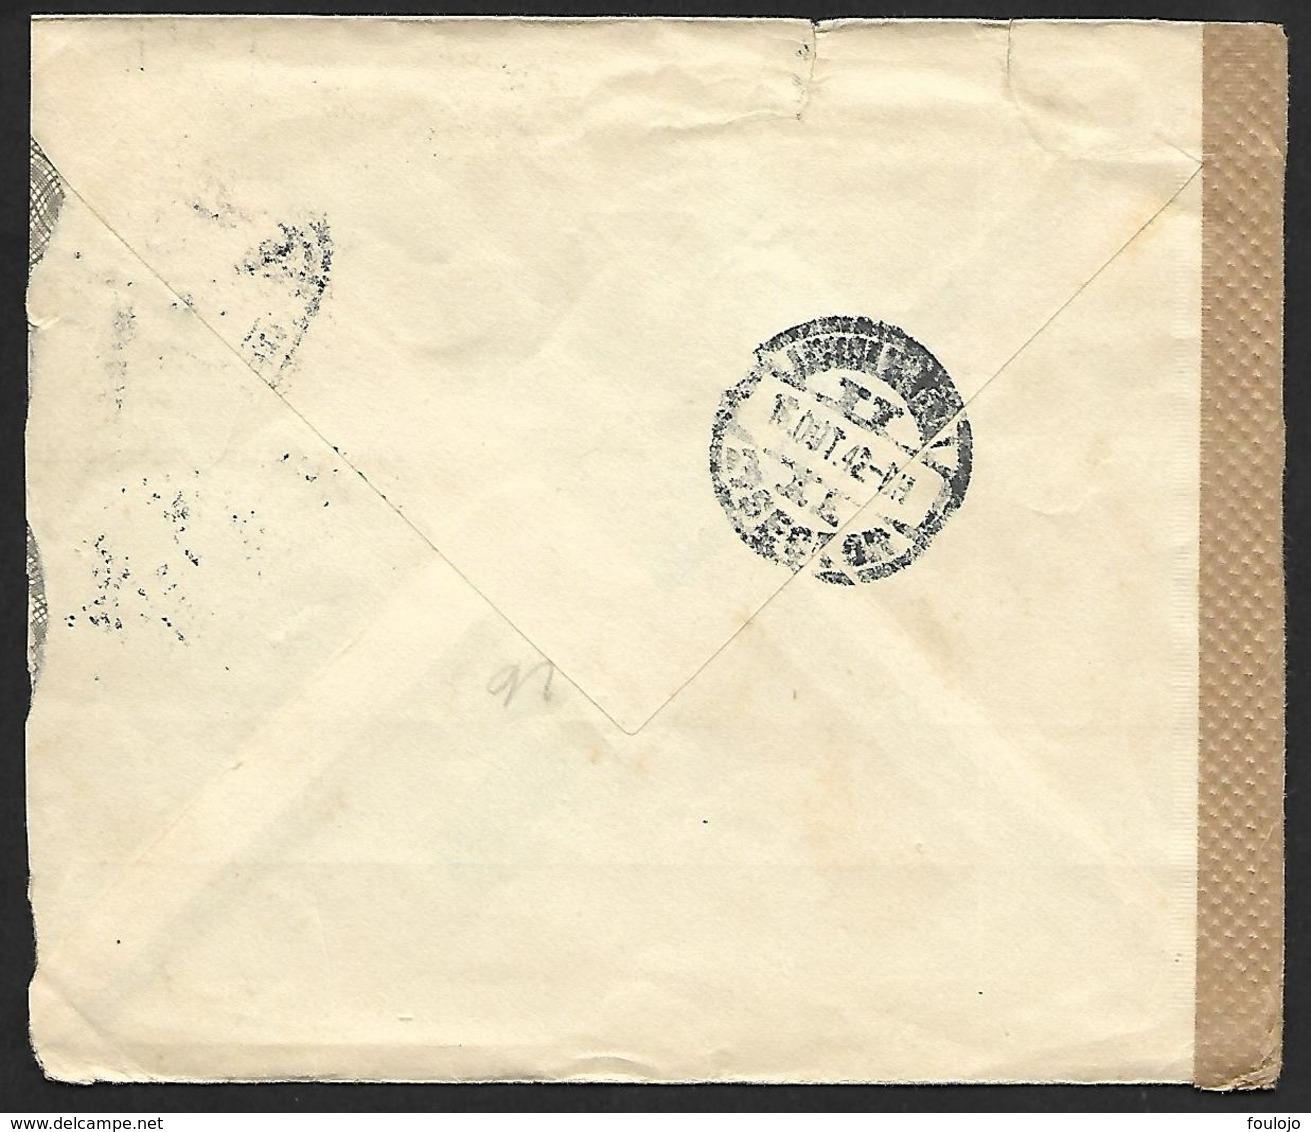 N° 543B Sur Lettre Obl. AMBULANCIAS AVENIDA GARE Du 14-OUT-42 Vers Spa Bande GEÖFFNET (Lot Nic 827) - Postmark Collection